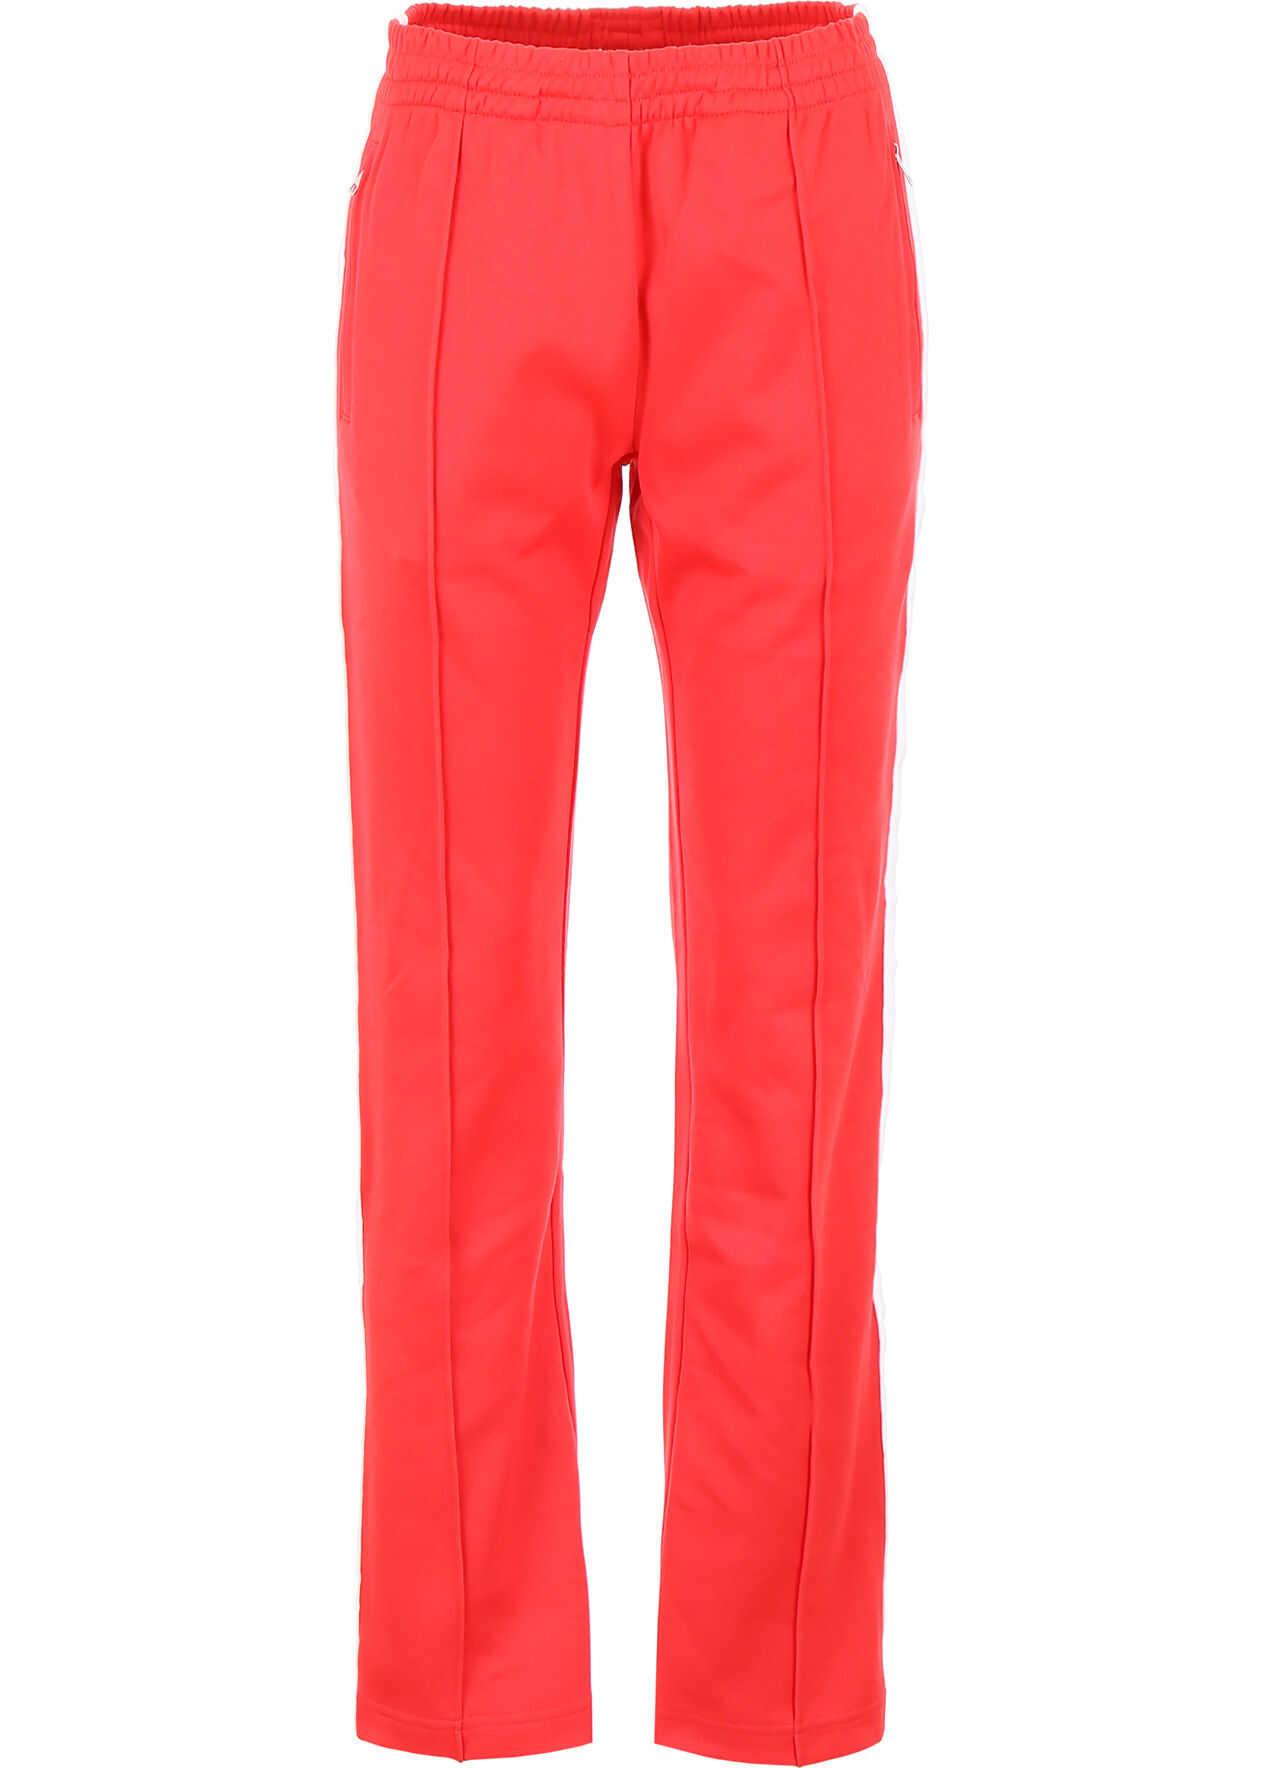 Calvin Klein Jeans Joggers TOMATO